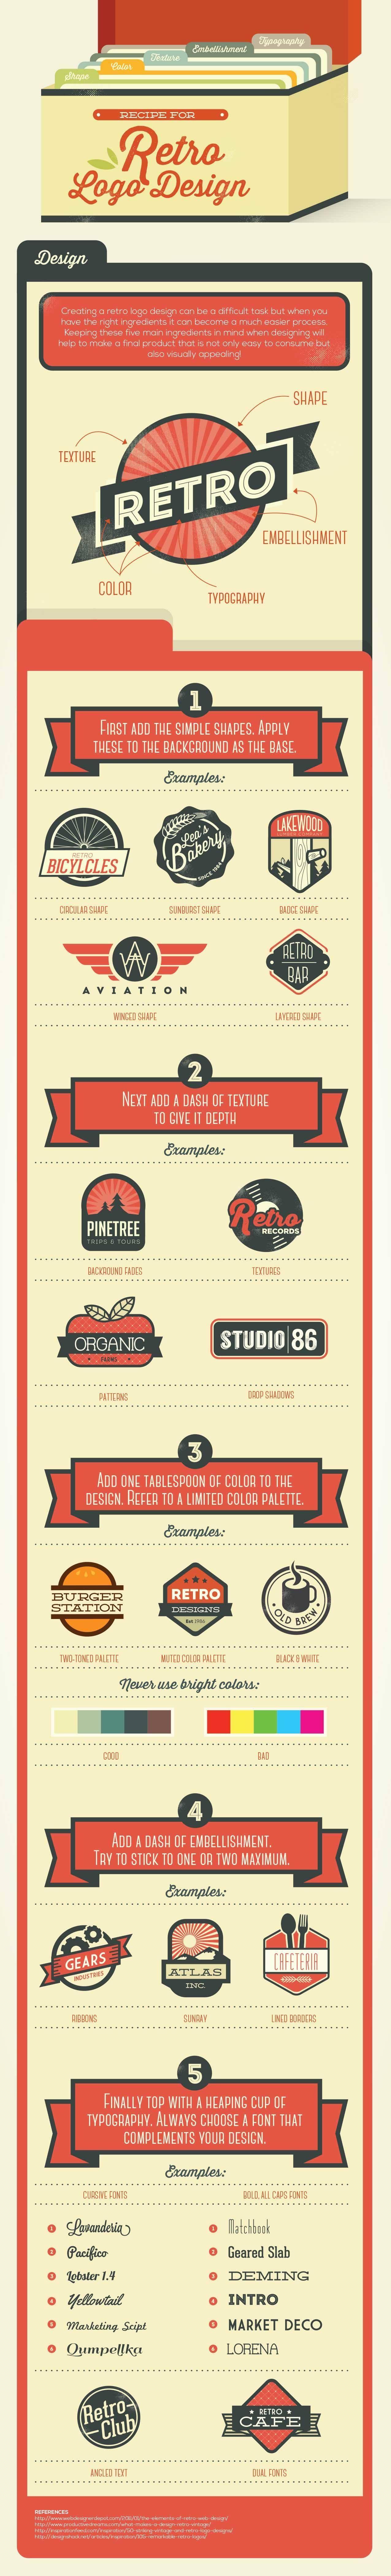 recipe for retro logo design infographic logo pinterest logo design grafik design und design. Black Bedroom Furniture Sets. Home Design Ideas